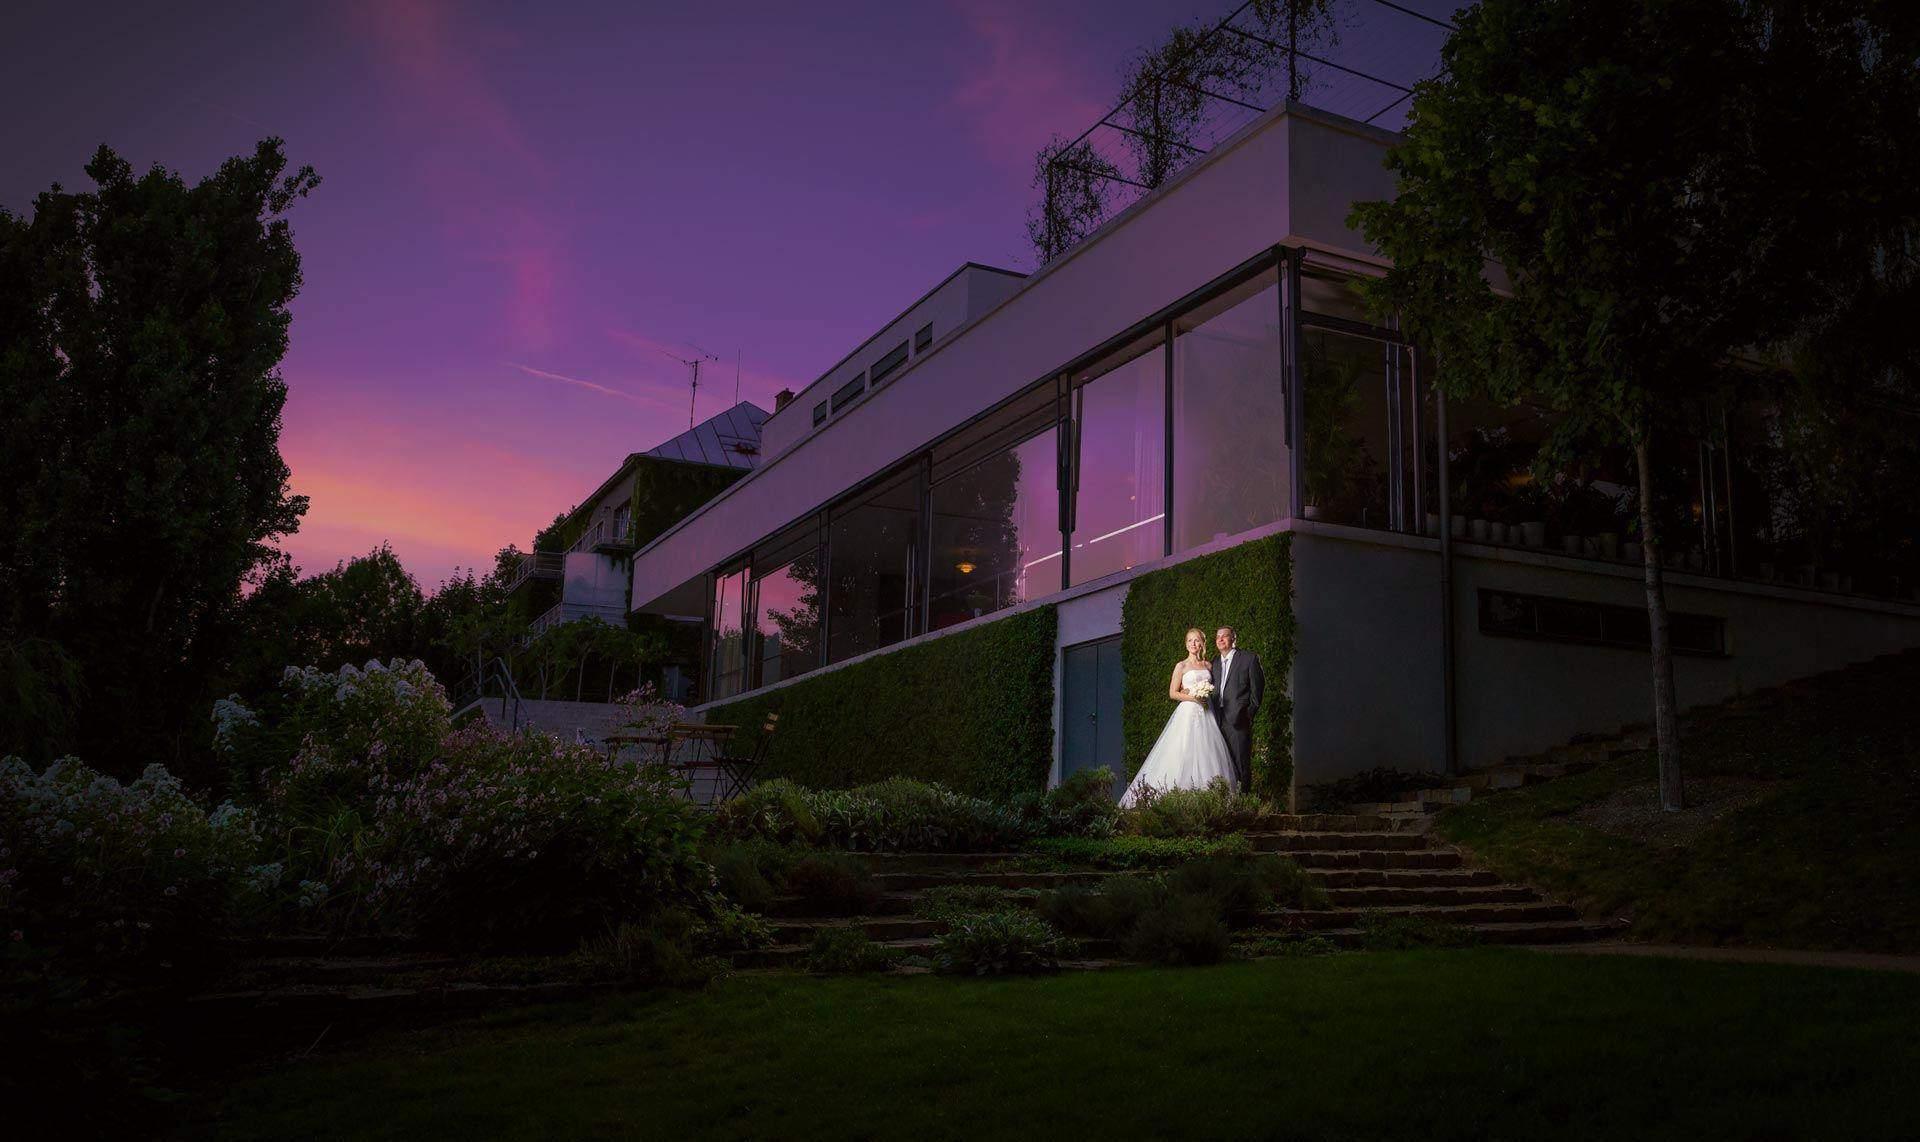 Novomanžele u Vily Tugendhat v Brně.